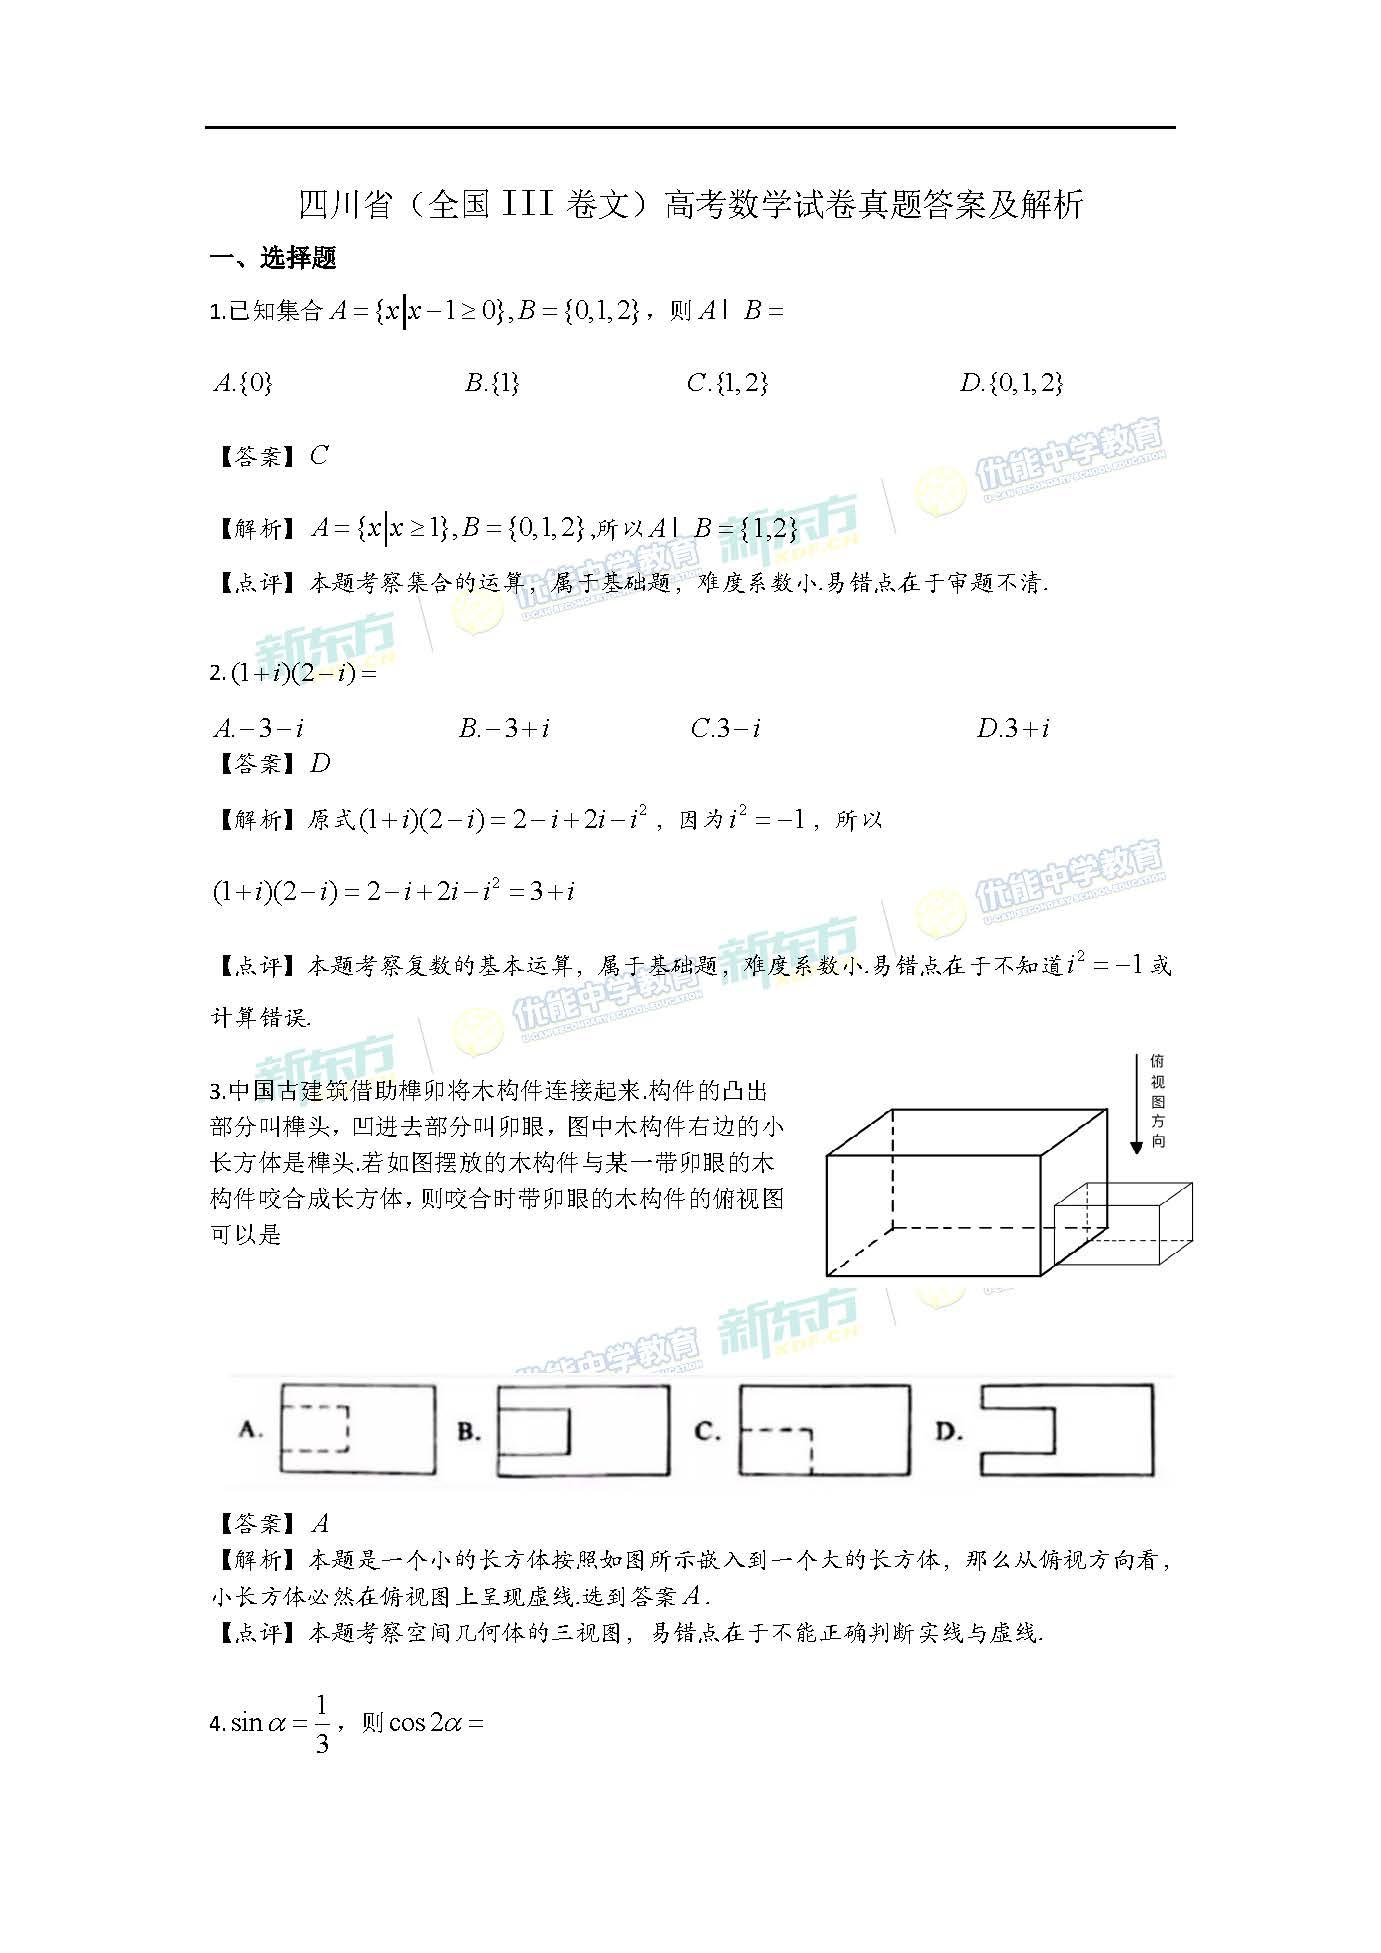 2018全国卷3高考数学文逐题解析(成都新东方)